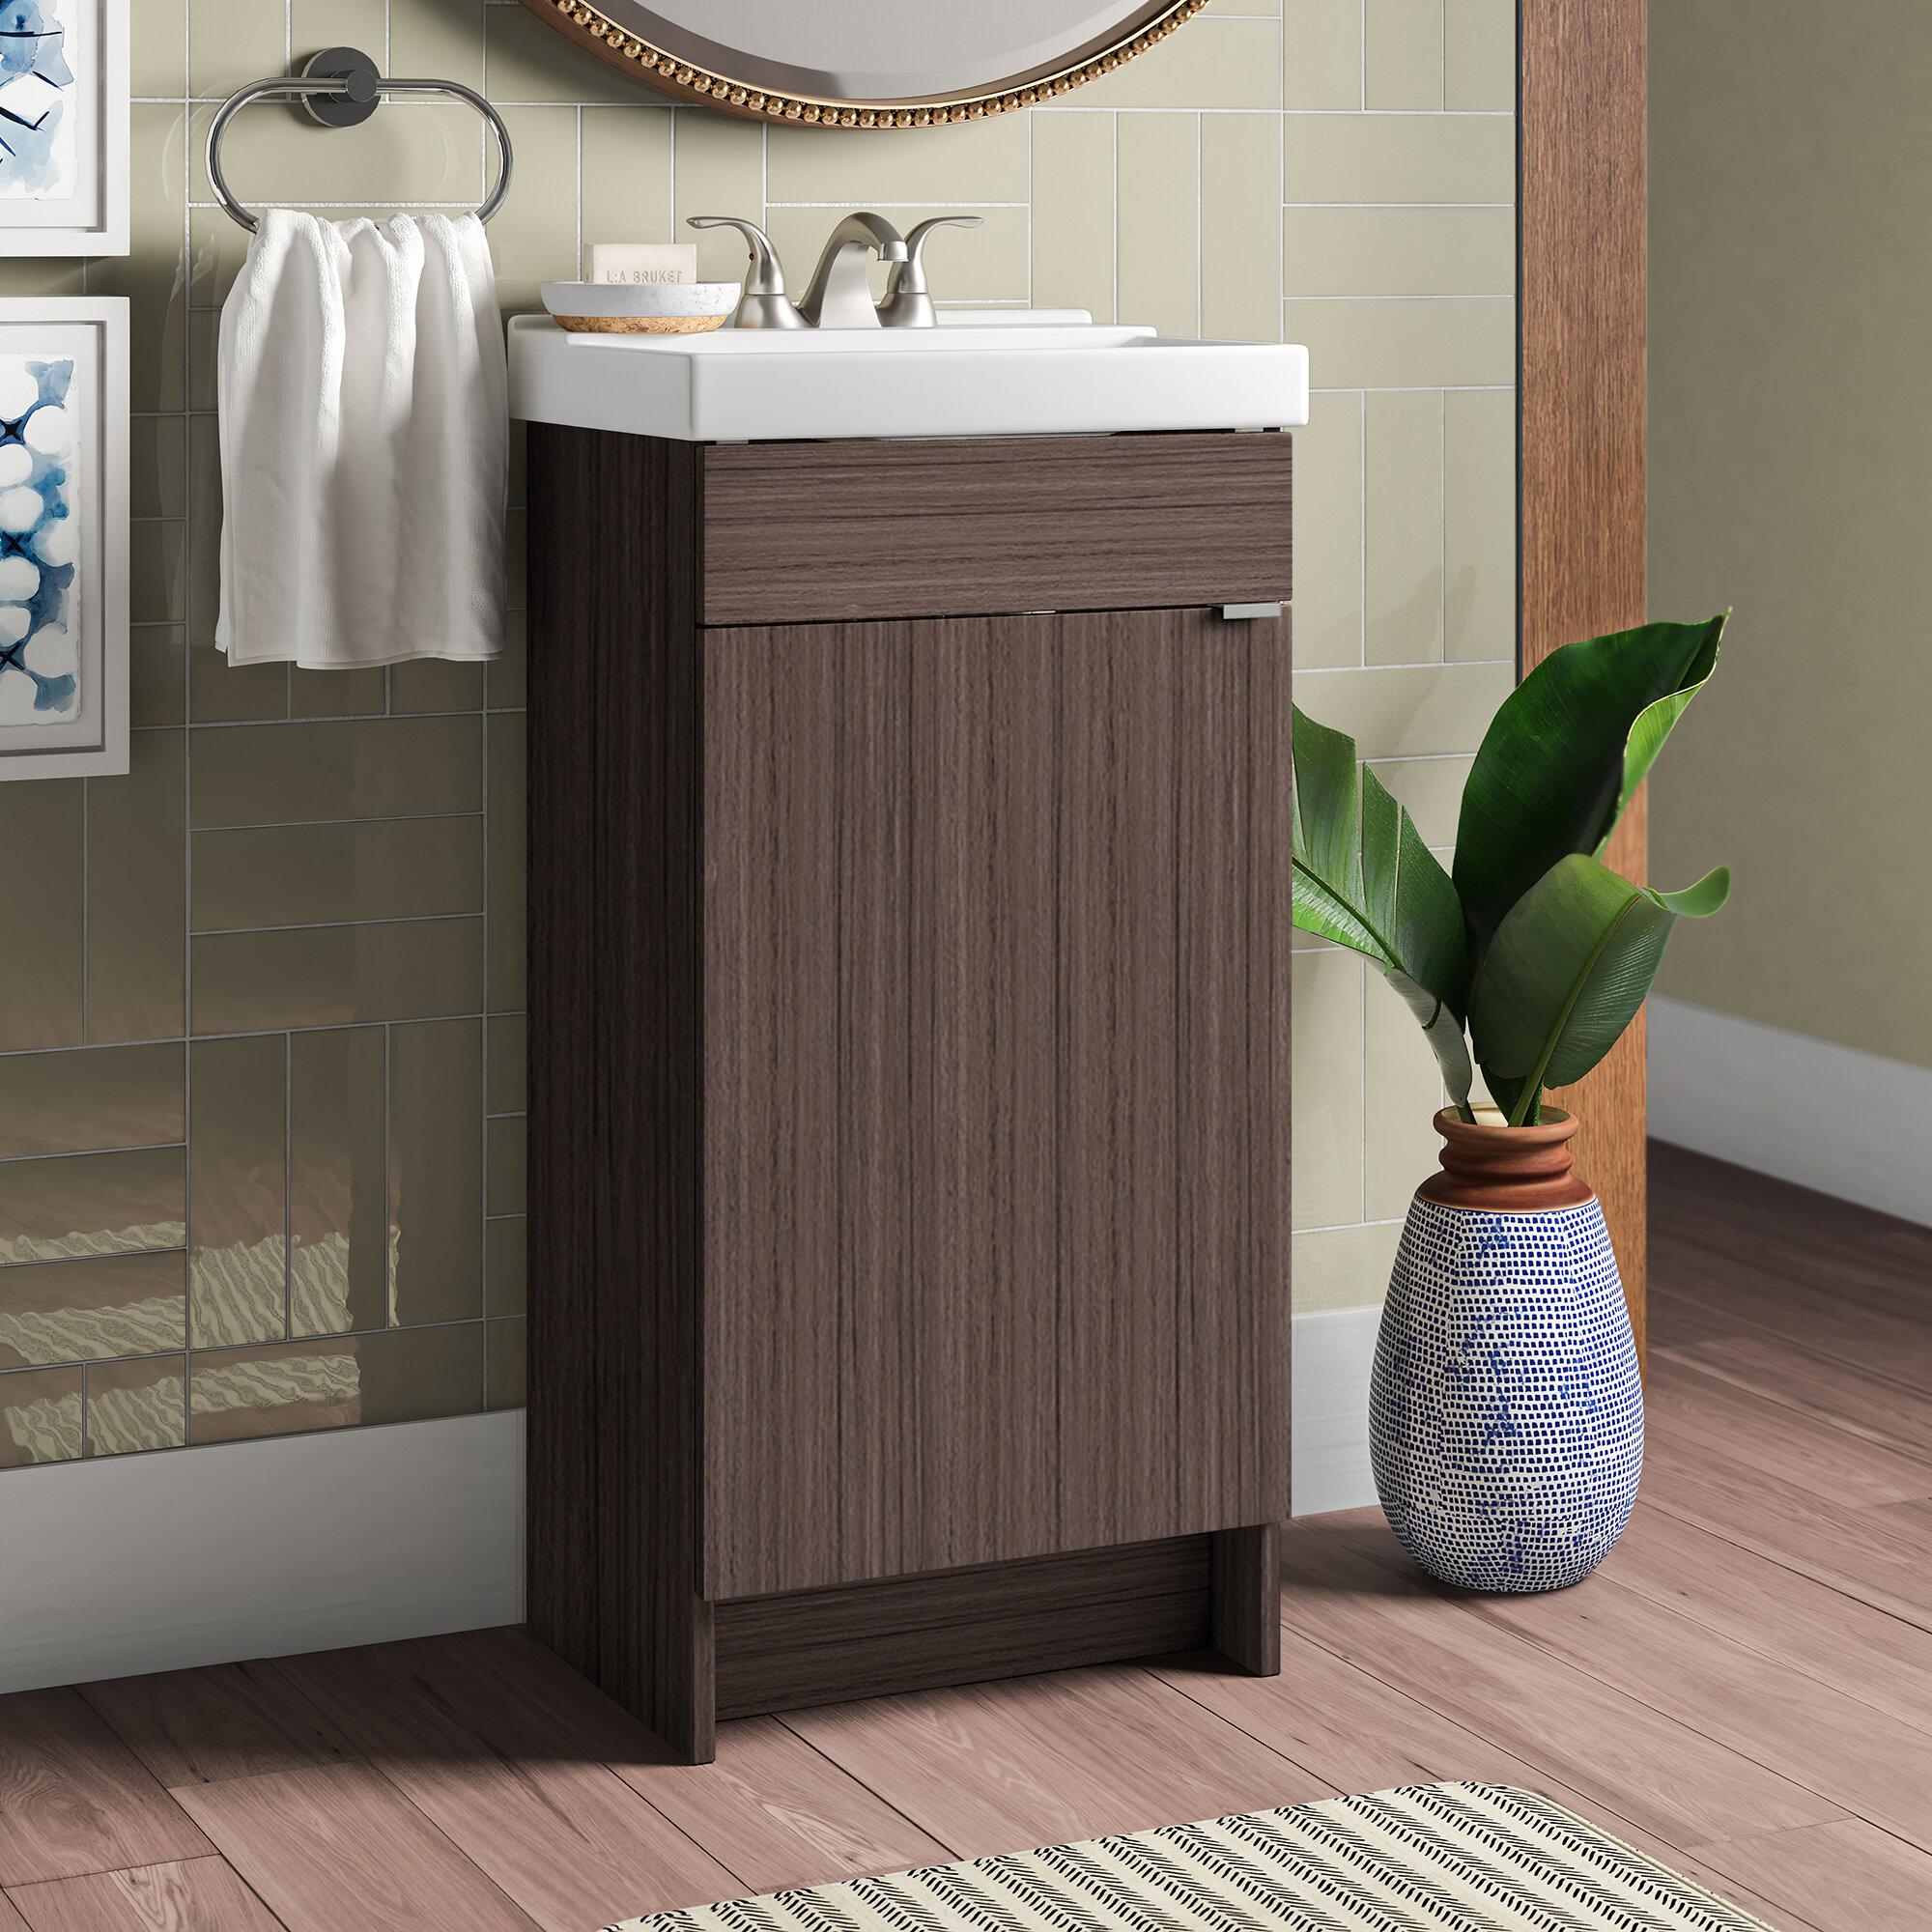 Orren Ellis Fraizer Teak 17 Single Bathroom Vanity Set Reviews